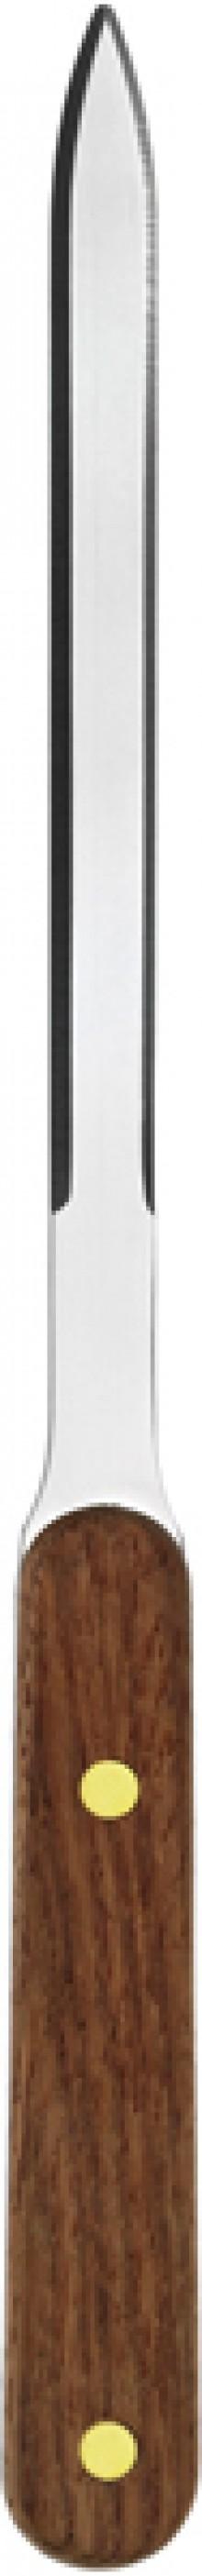 Brieföffner, brauner Holzgriff, 24,5 cm